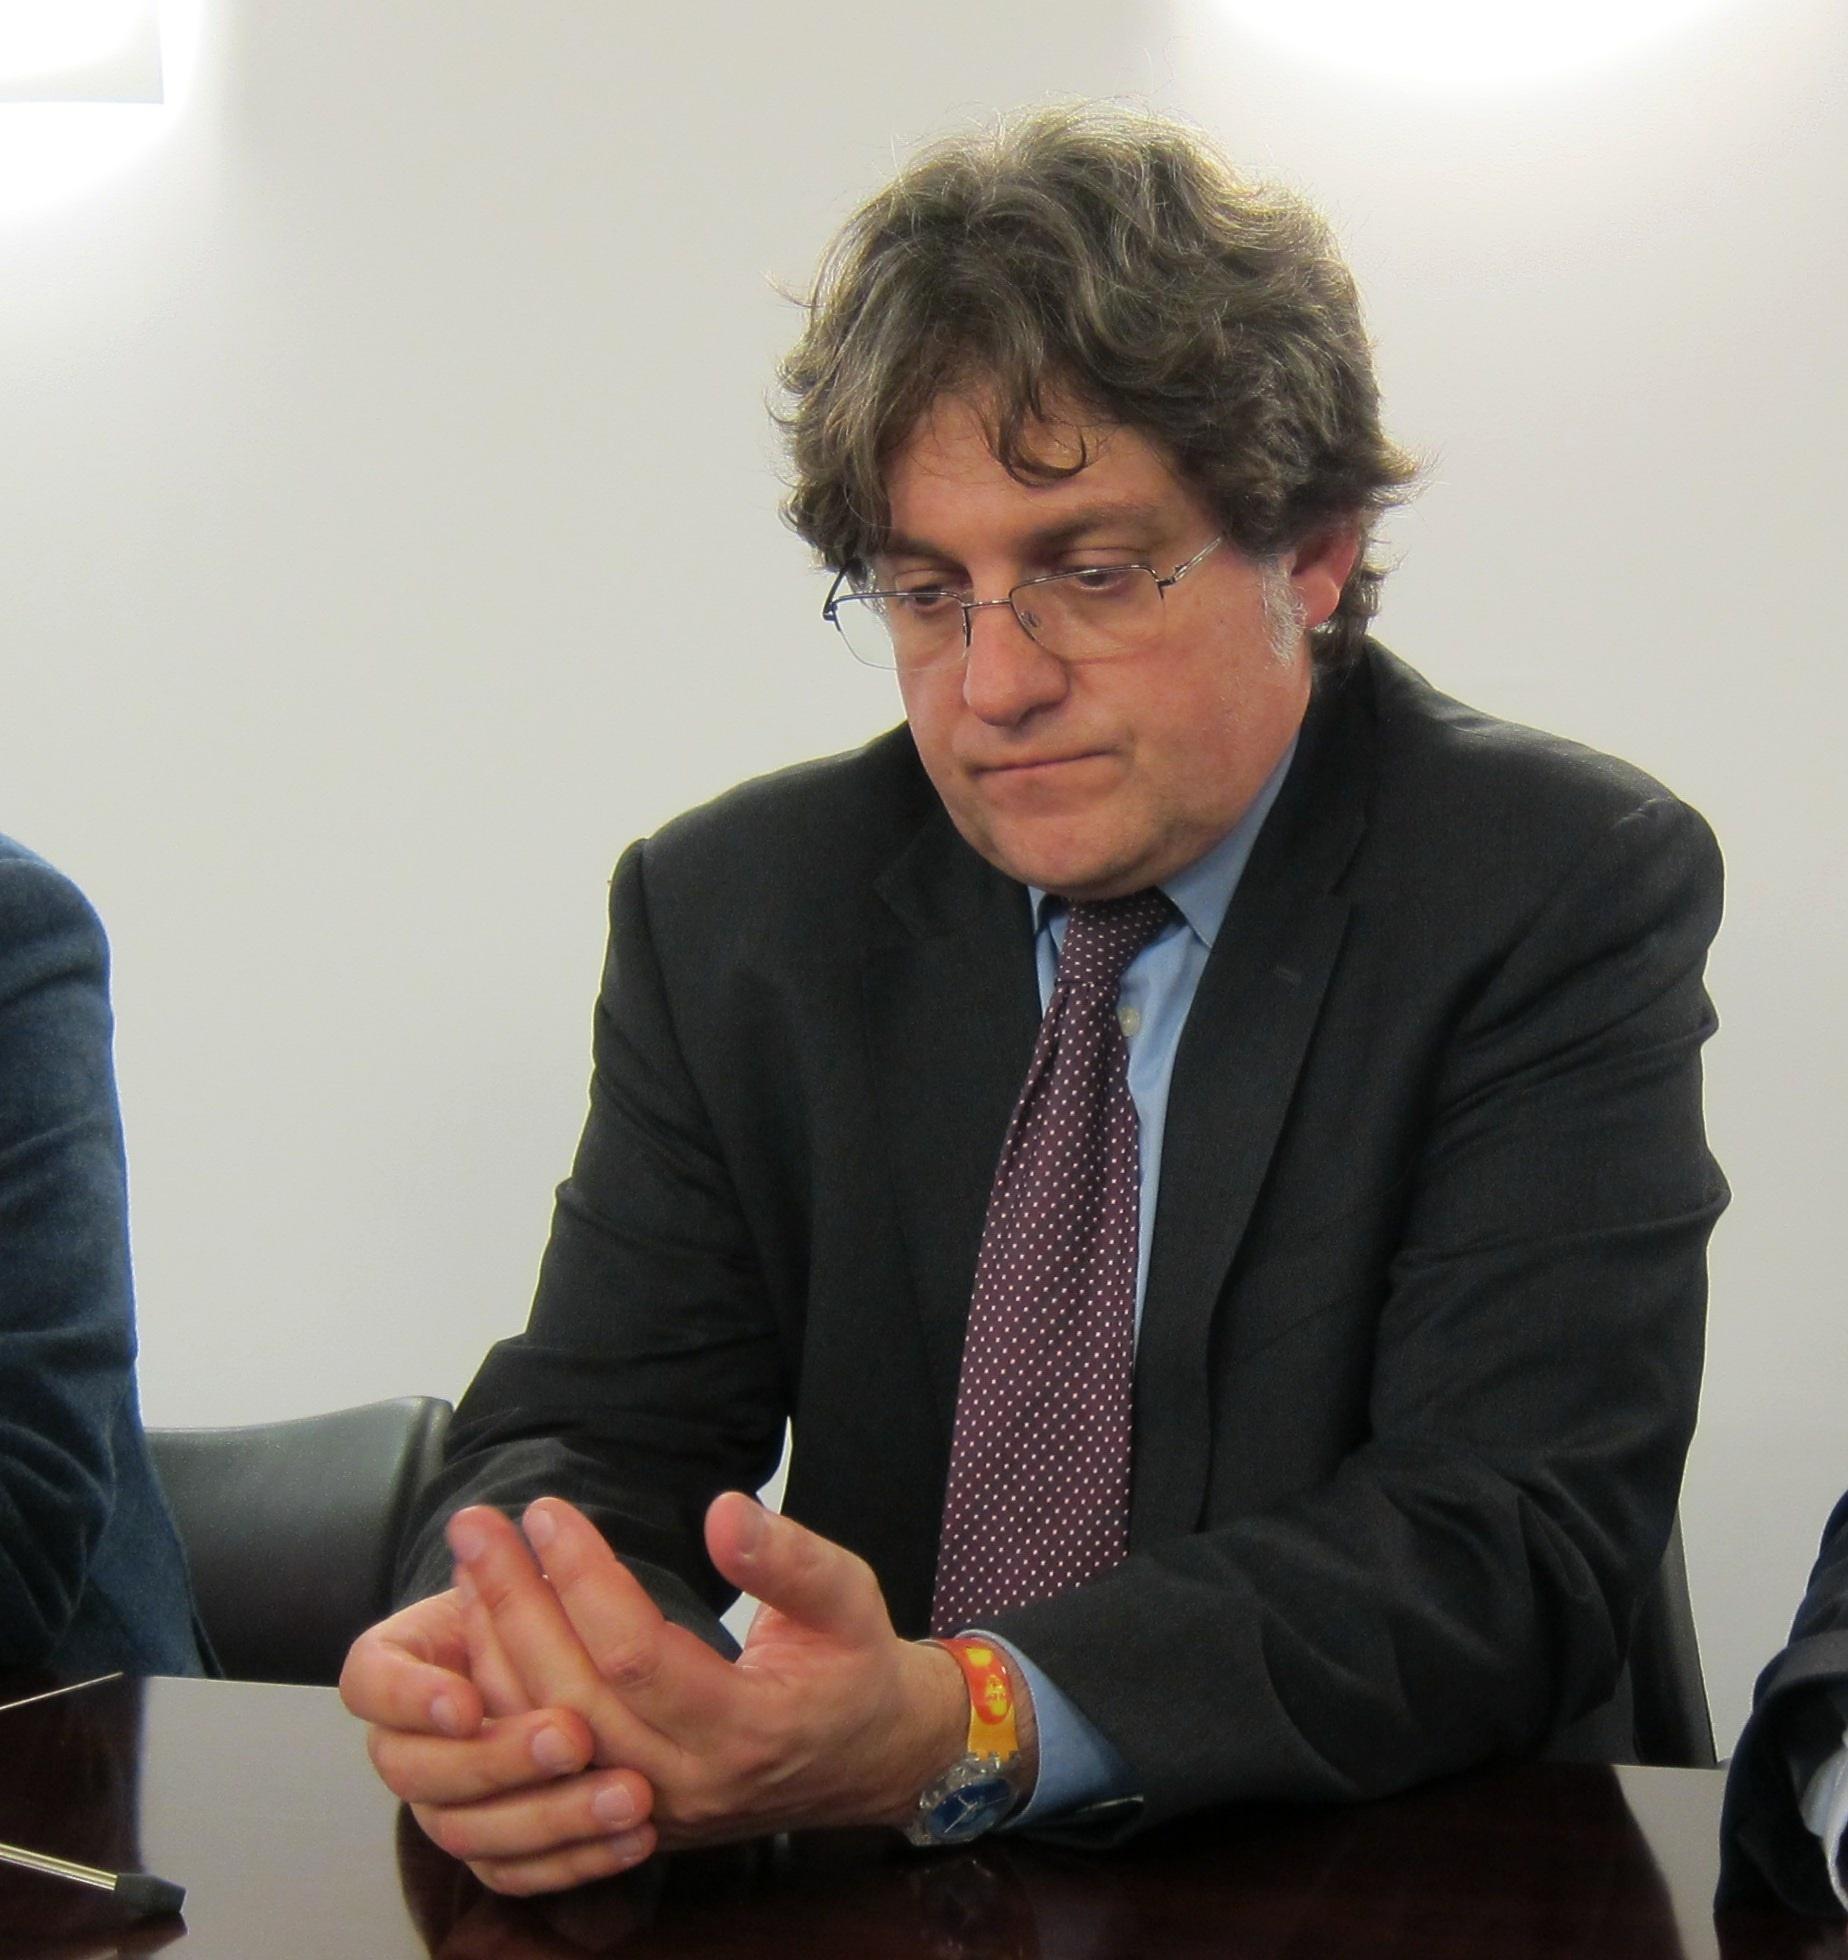 Premian al juez que presentó la cuestión a la TJUE que abrió la puerta a la paralización de los desahucios